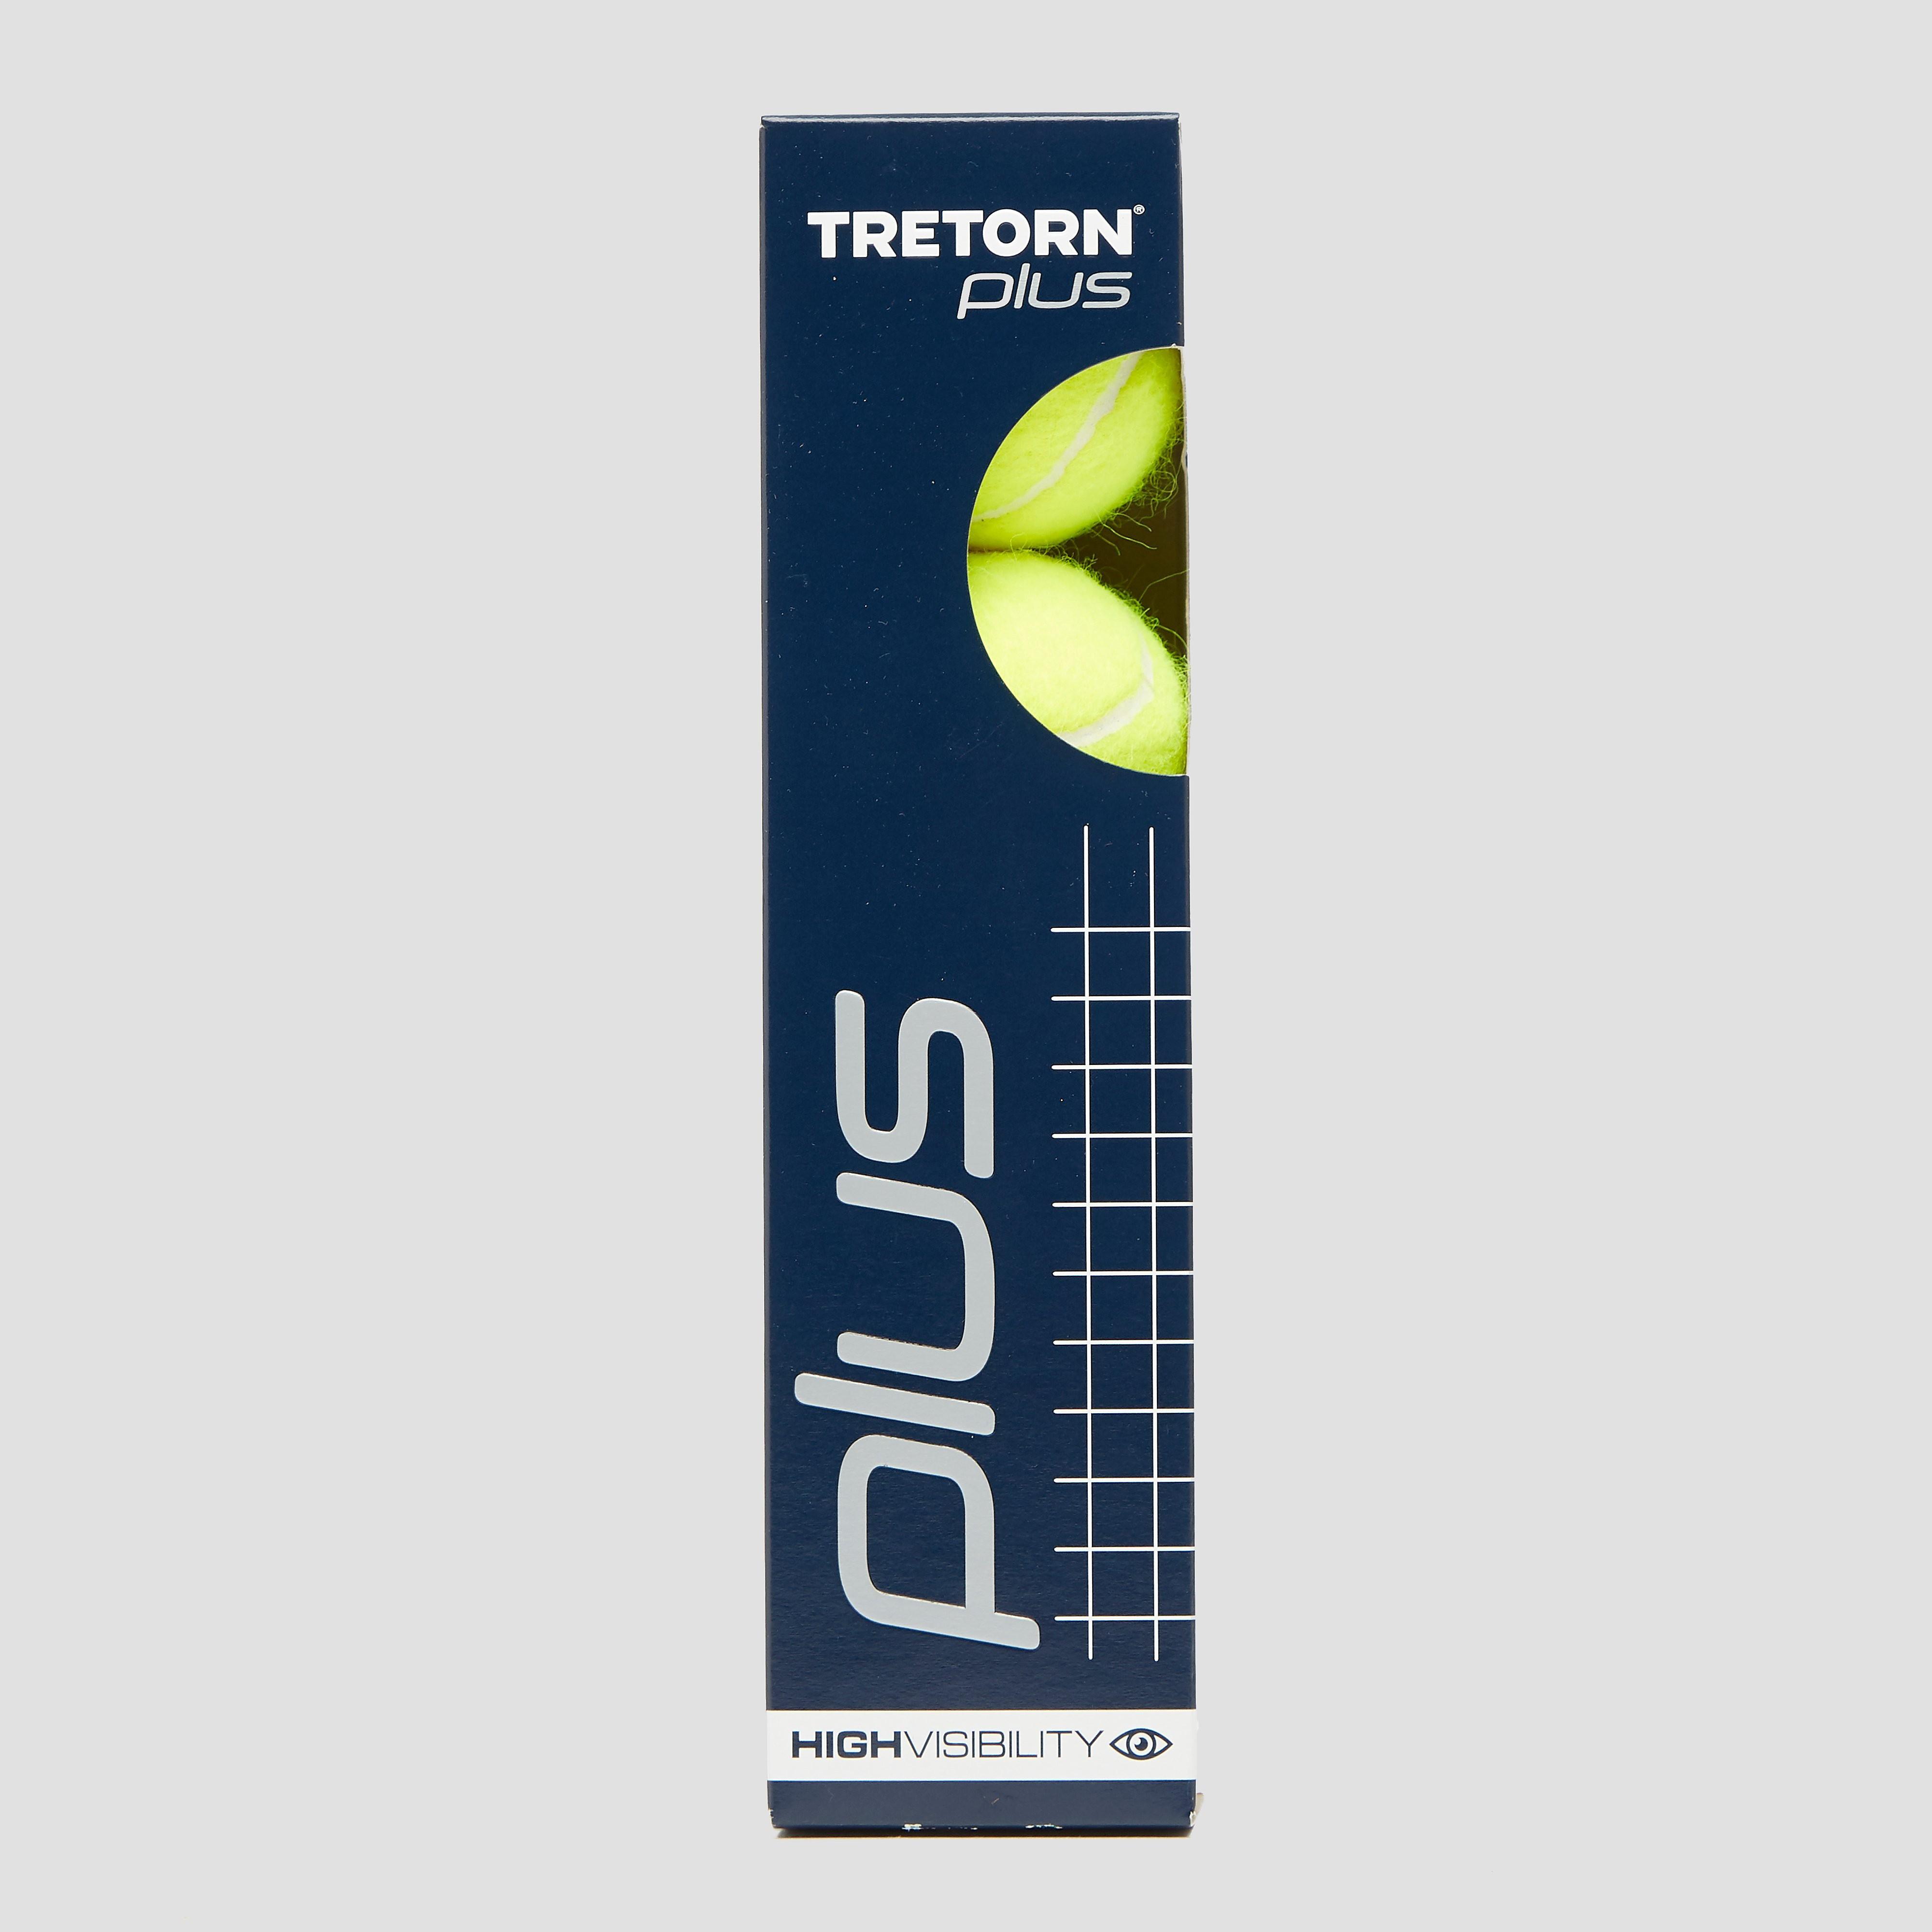 Tretorn PLUS 4-pack